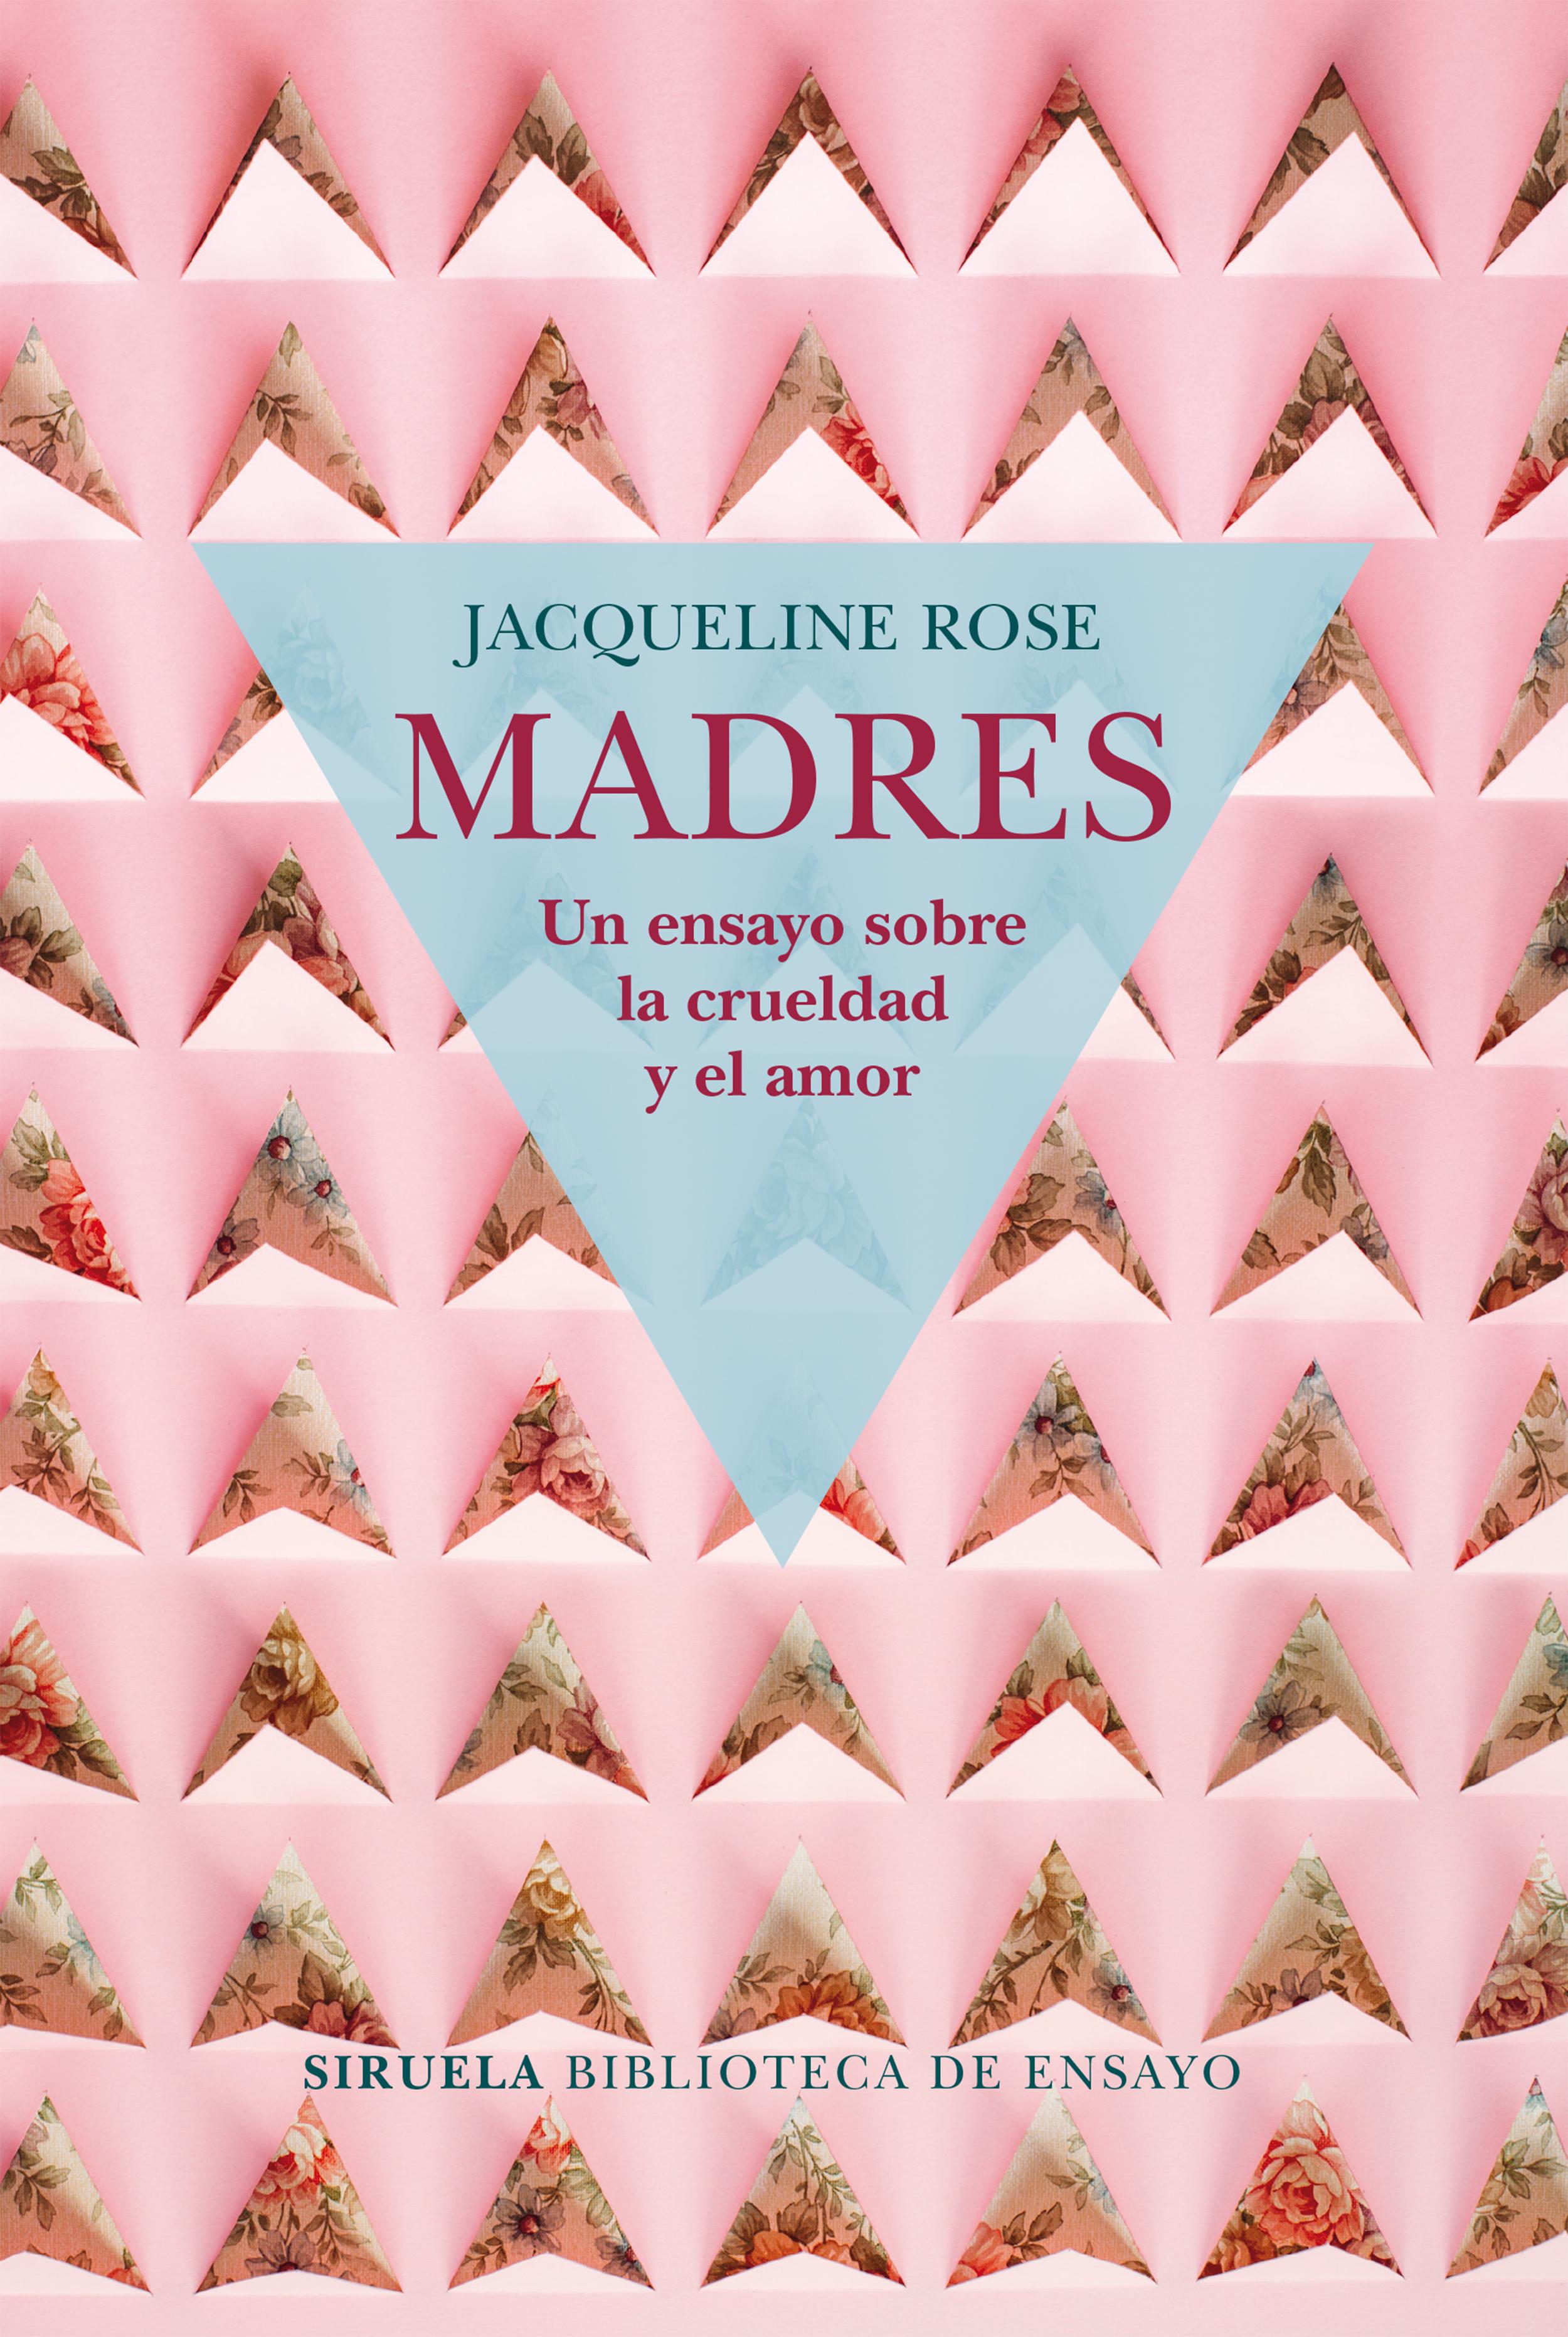 Madres, un ensayo sobre la crueldad y el amor